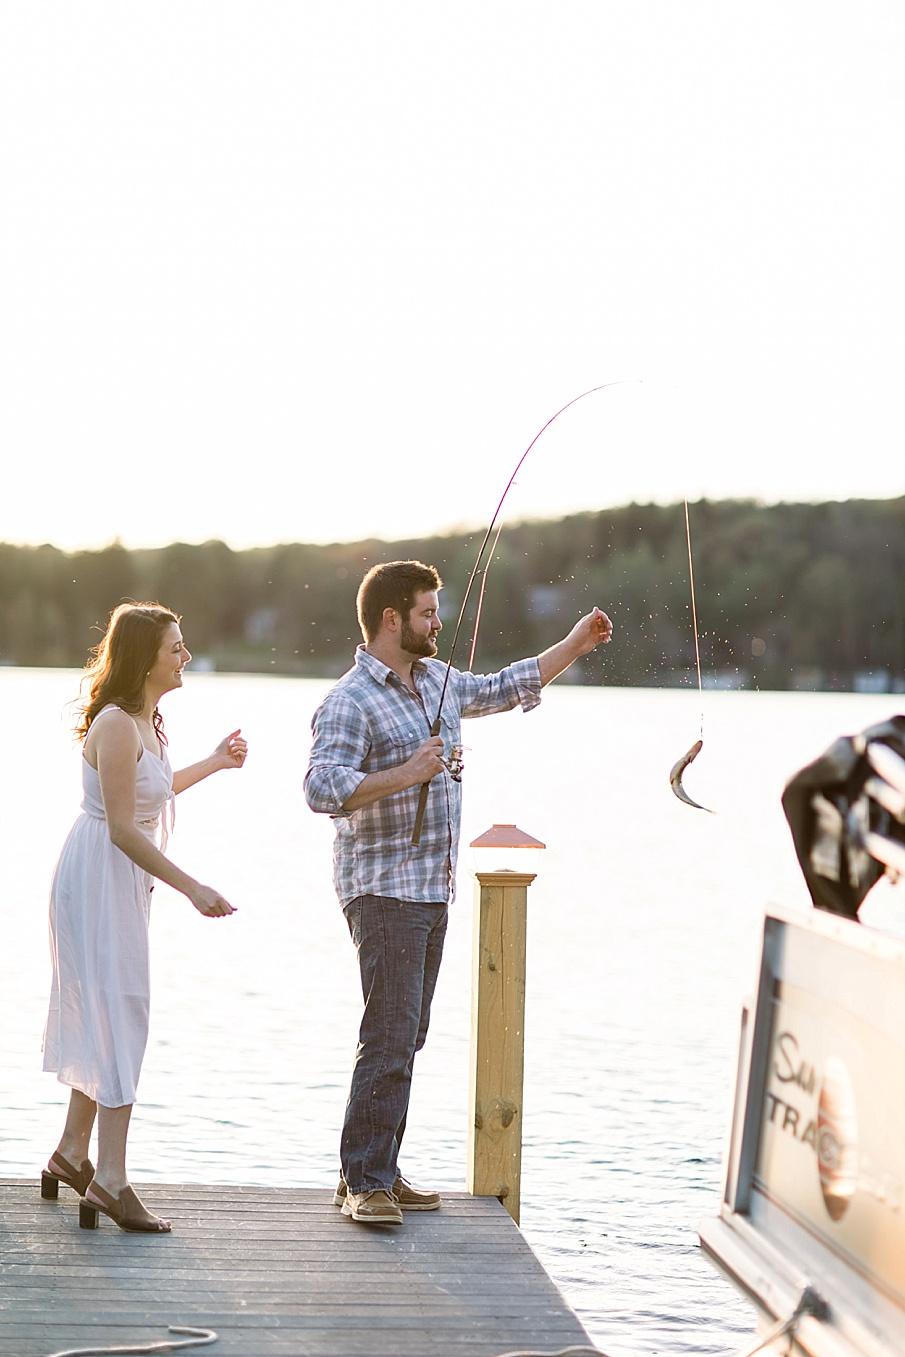 senecaryanco-syracuseweddingphotographer-syracuse-centralnewyork-skaneateles-brackney-quakerlake-binghamton-wedding-lake-engagementphotos_0052.jpg